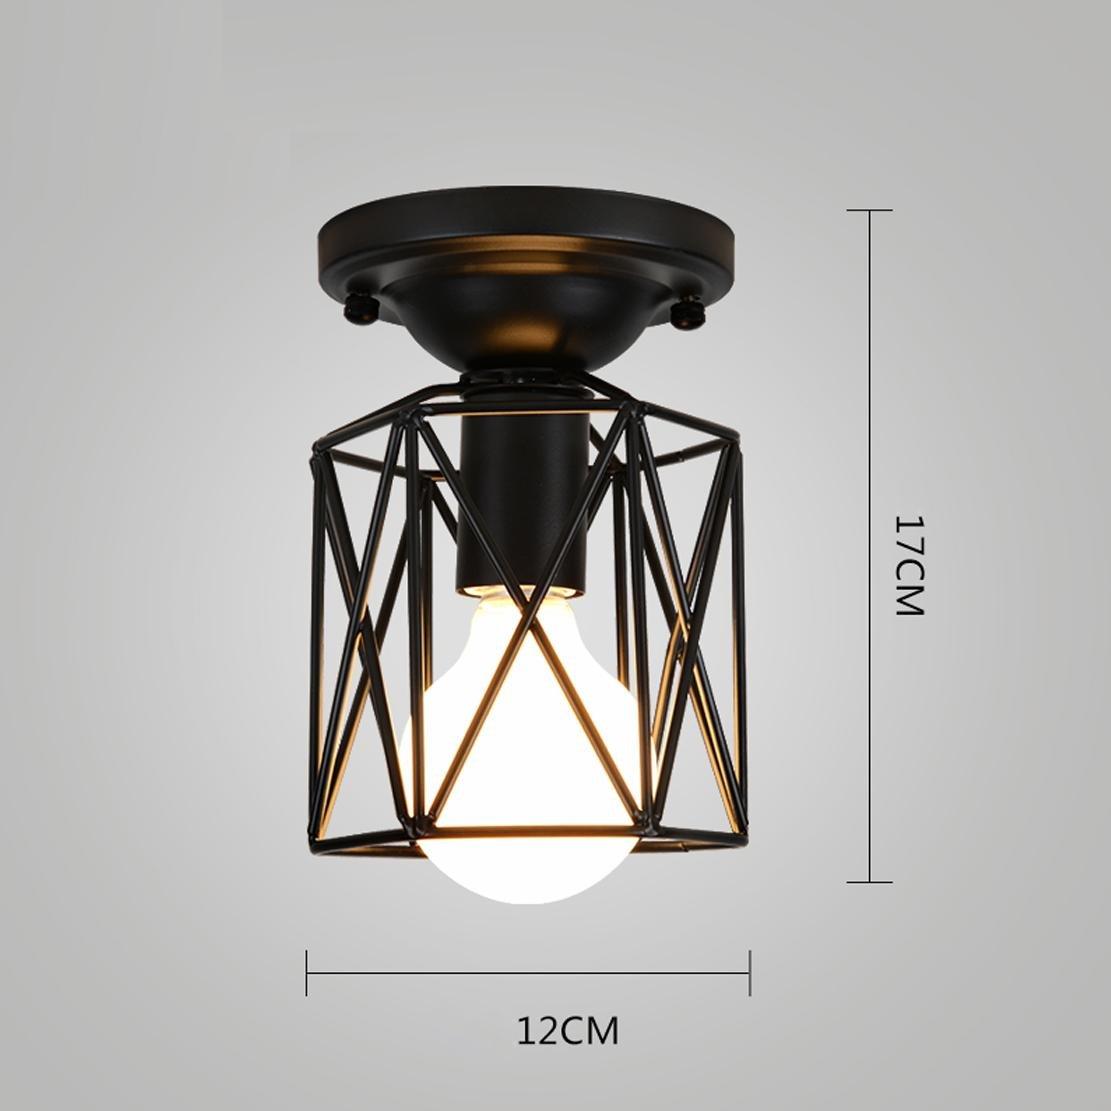 Techo de de Lámpara Iluminación Industria techo Vintage uJc3lTF1K